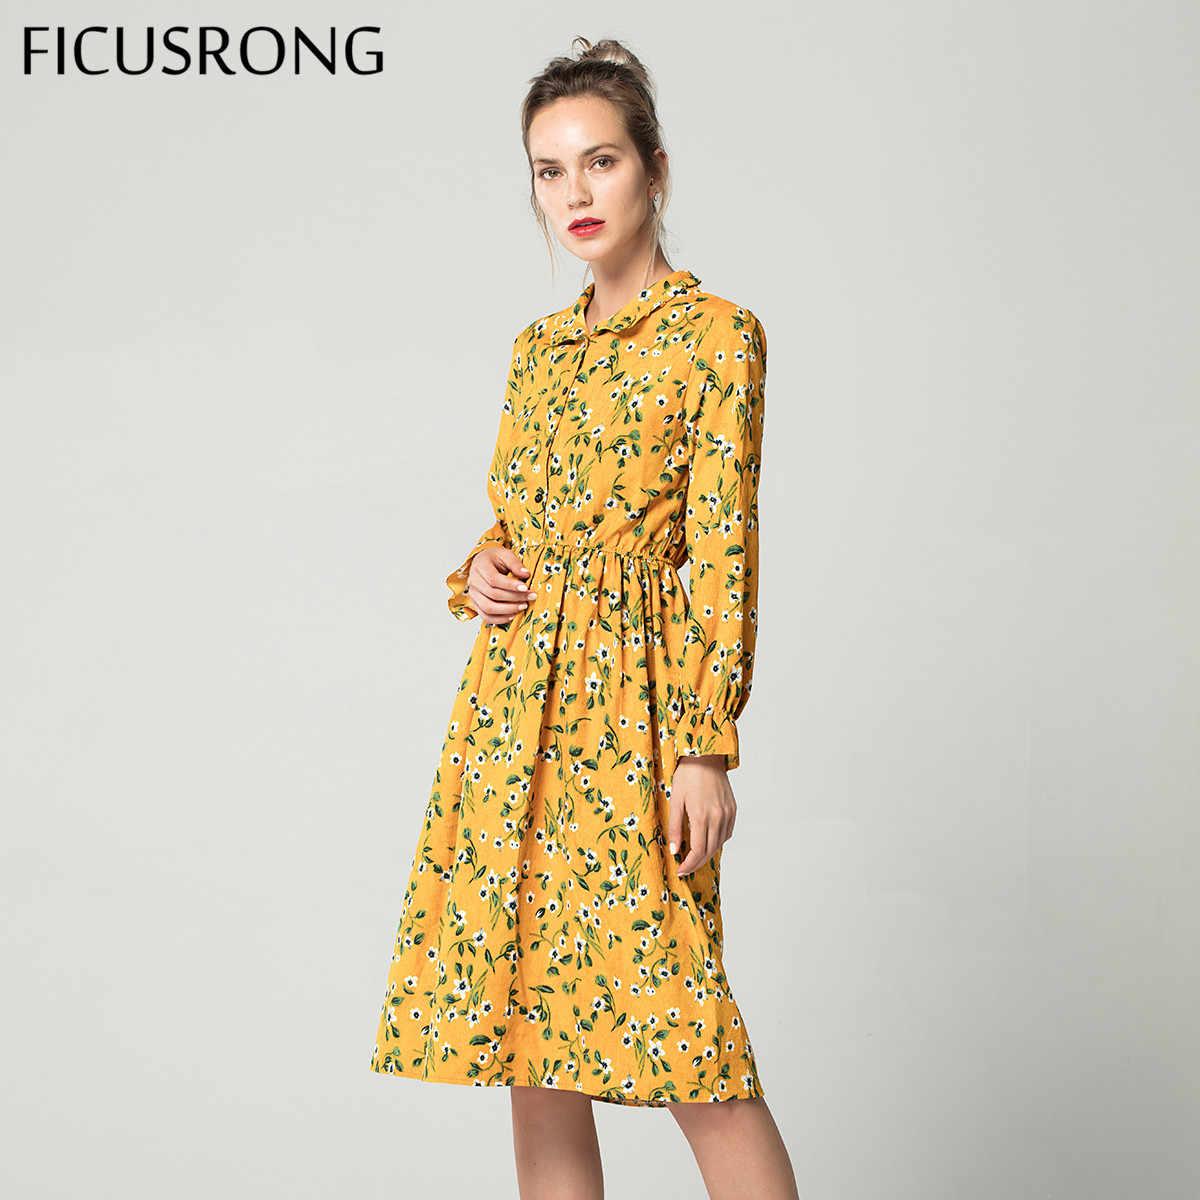 Вельветовое винтажное платье с высокой эластичной талией, ТРАПЕЦИЕВИДНОЕ Стильное женское клетчатое платье с длинным рукавом и цветочным принтом, облегающее женское платье